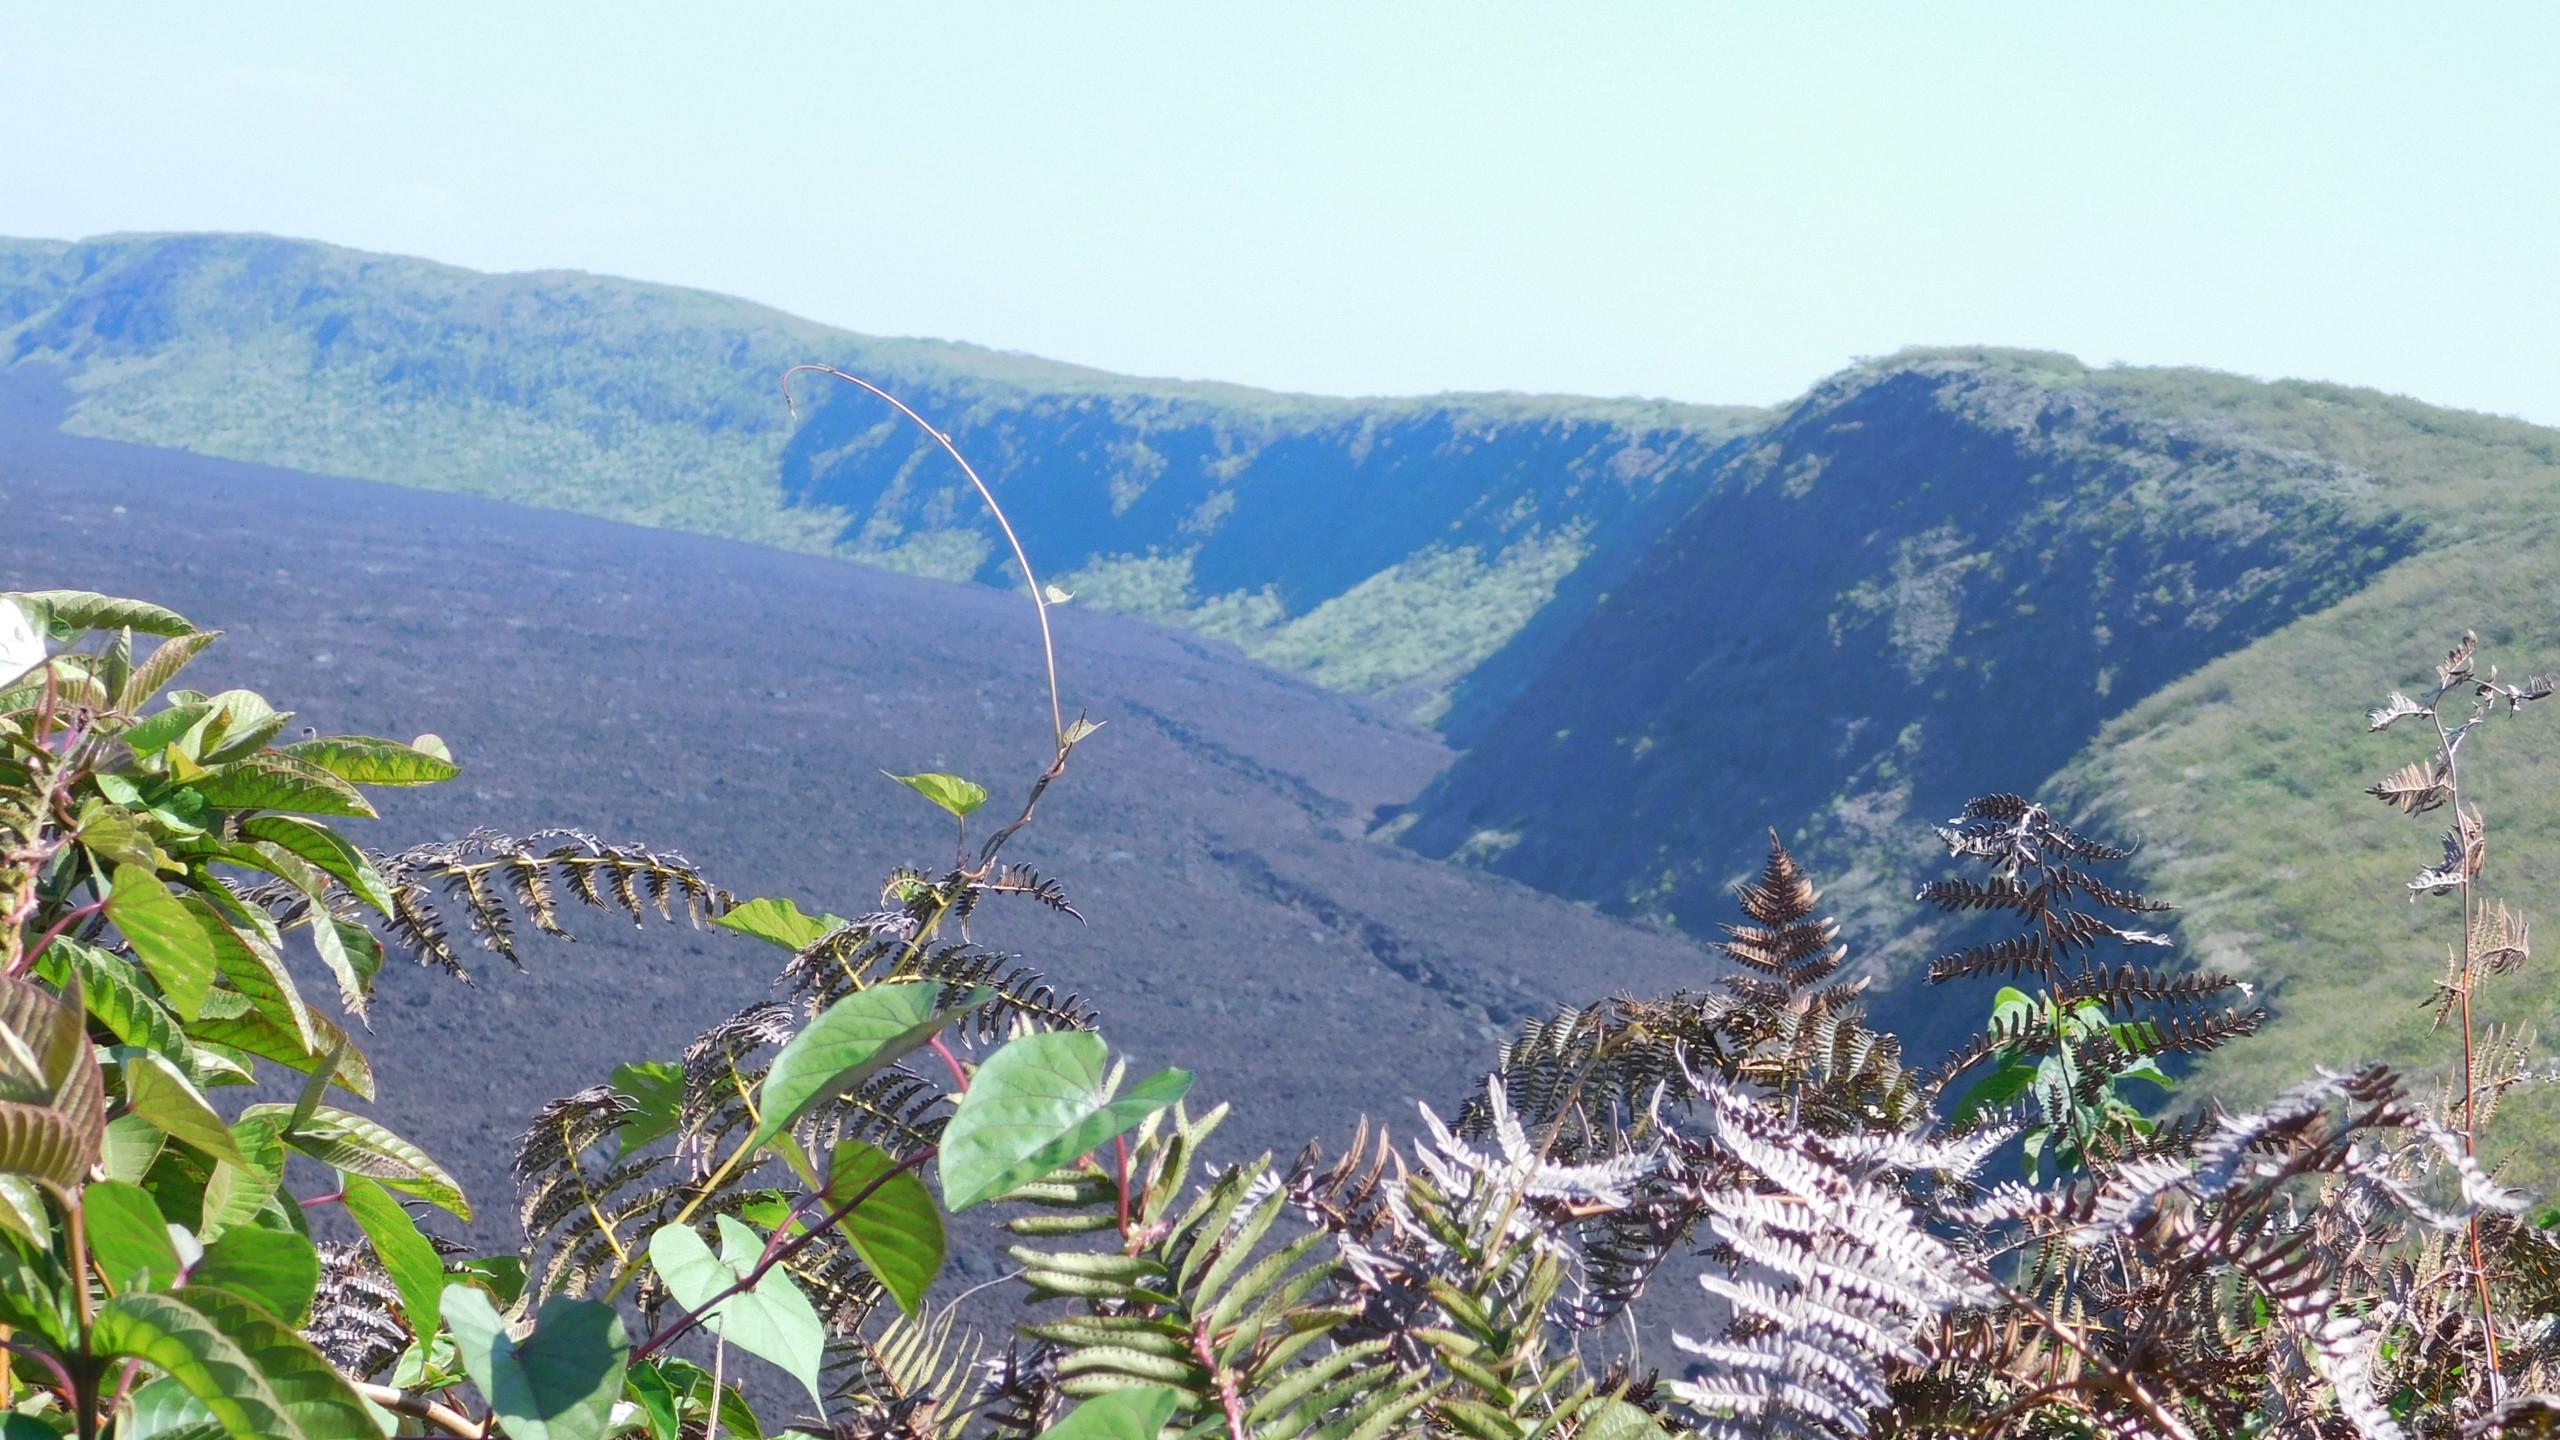 Caldera del Volcán Sierra Negra